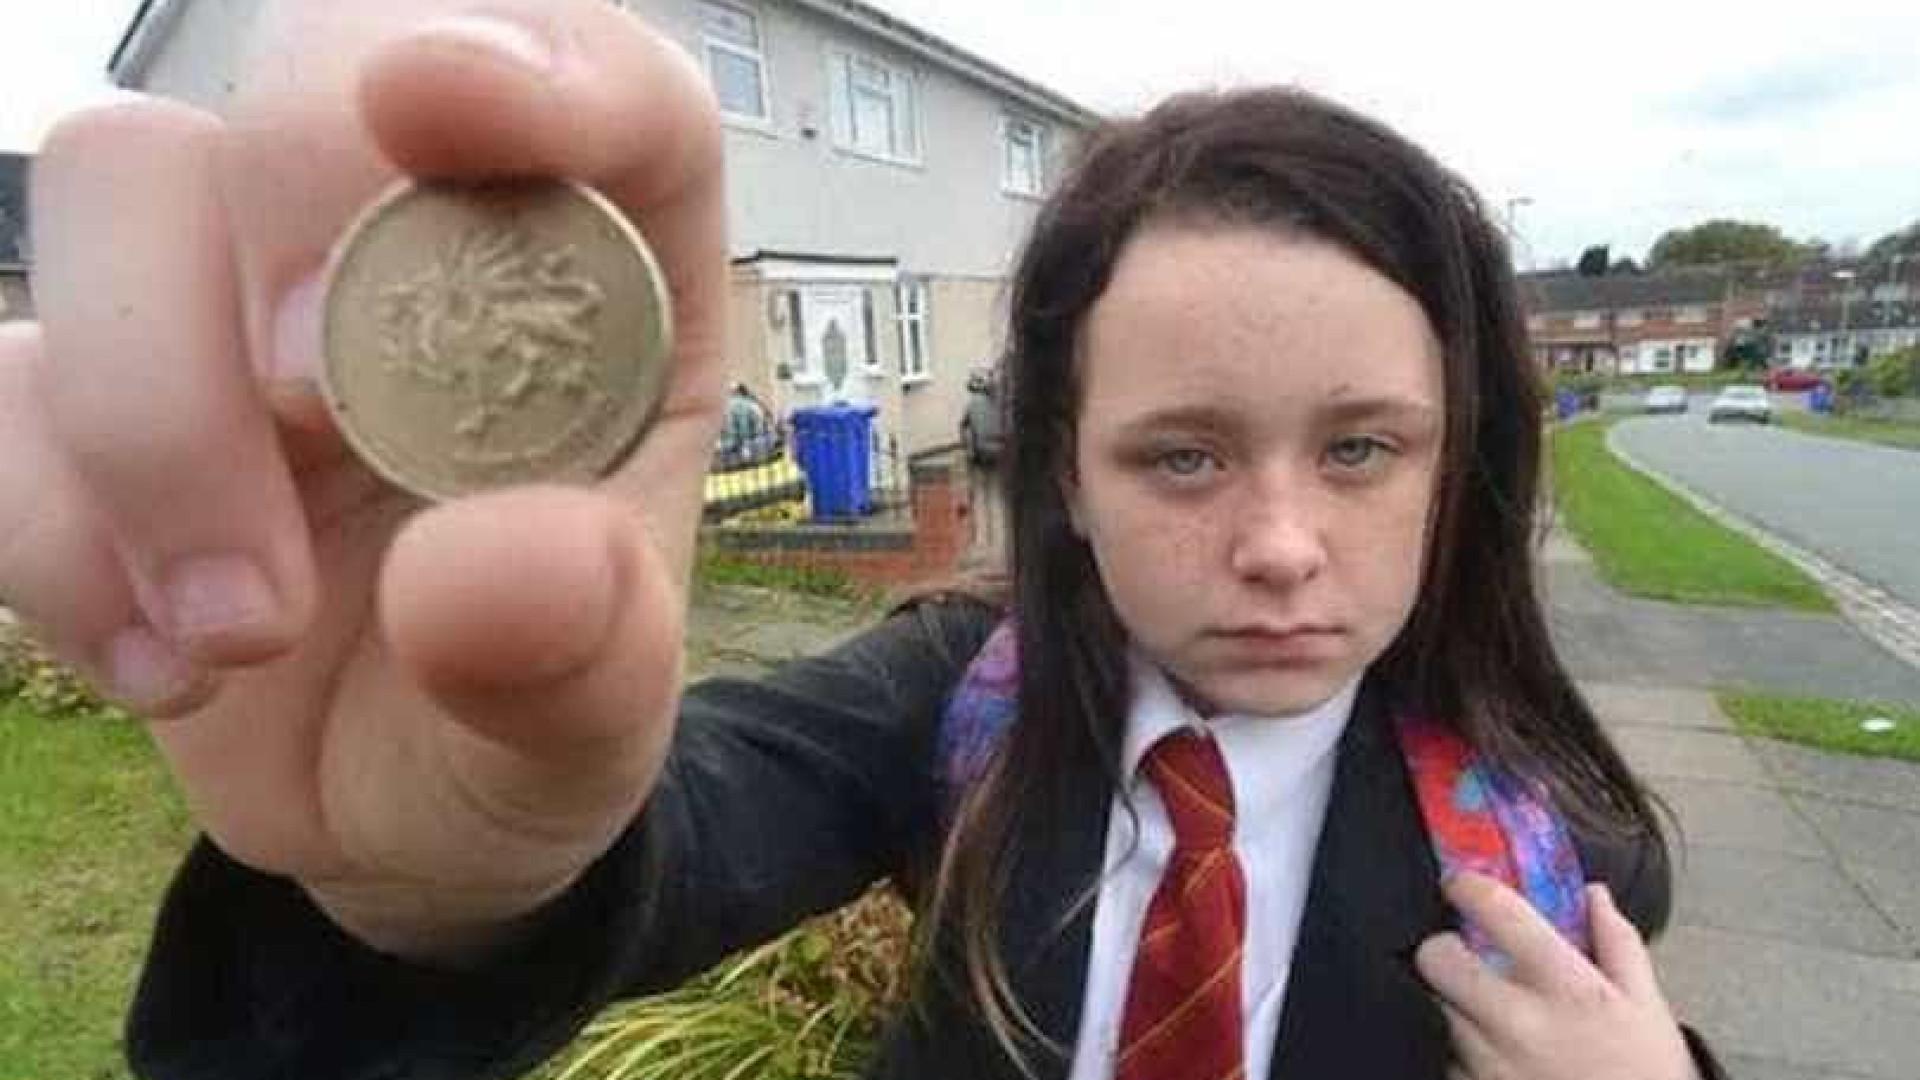 Adolescente expulsa de autocarro por pagar com moeda antiga